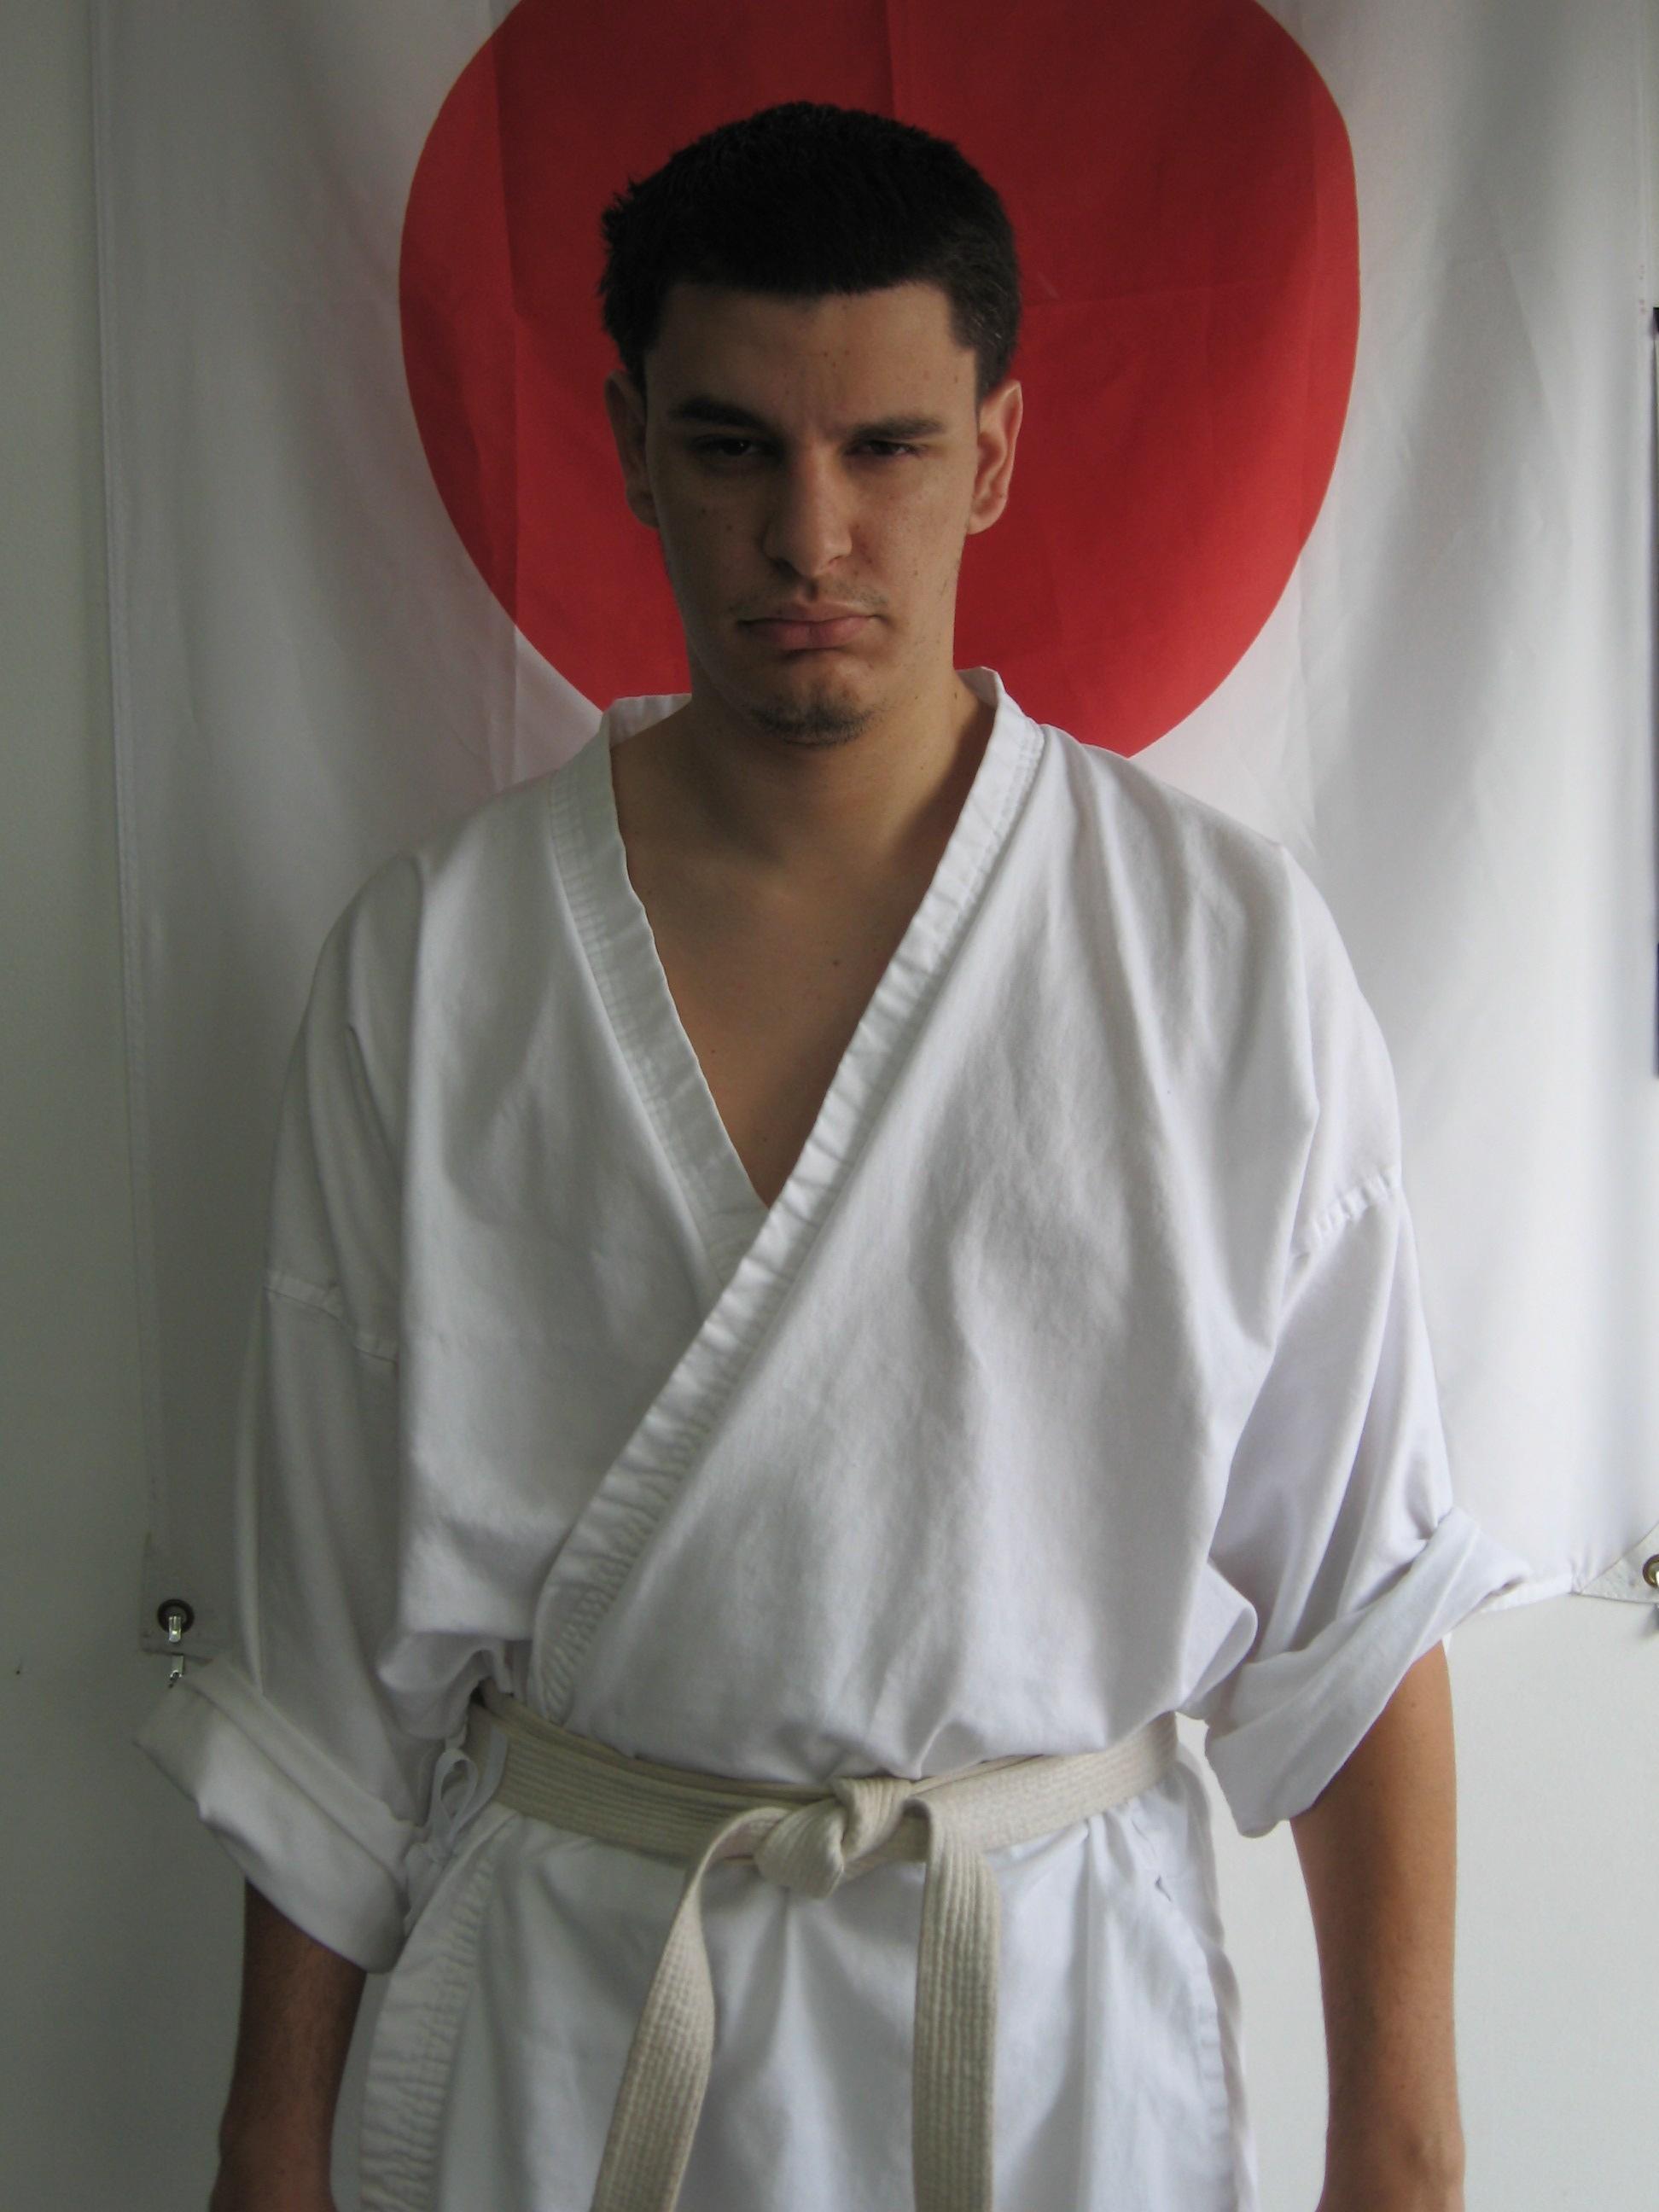 Mr. Lorenti White-Belt